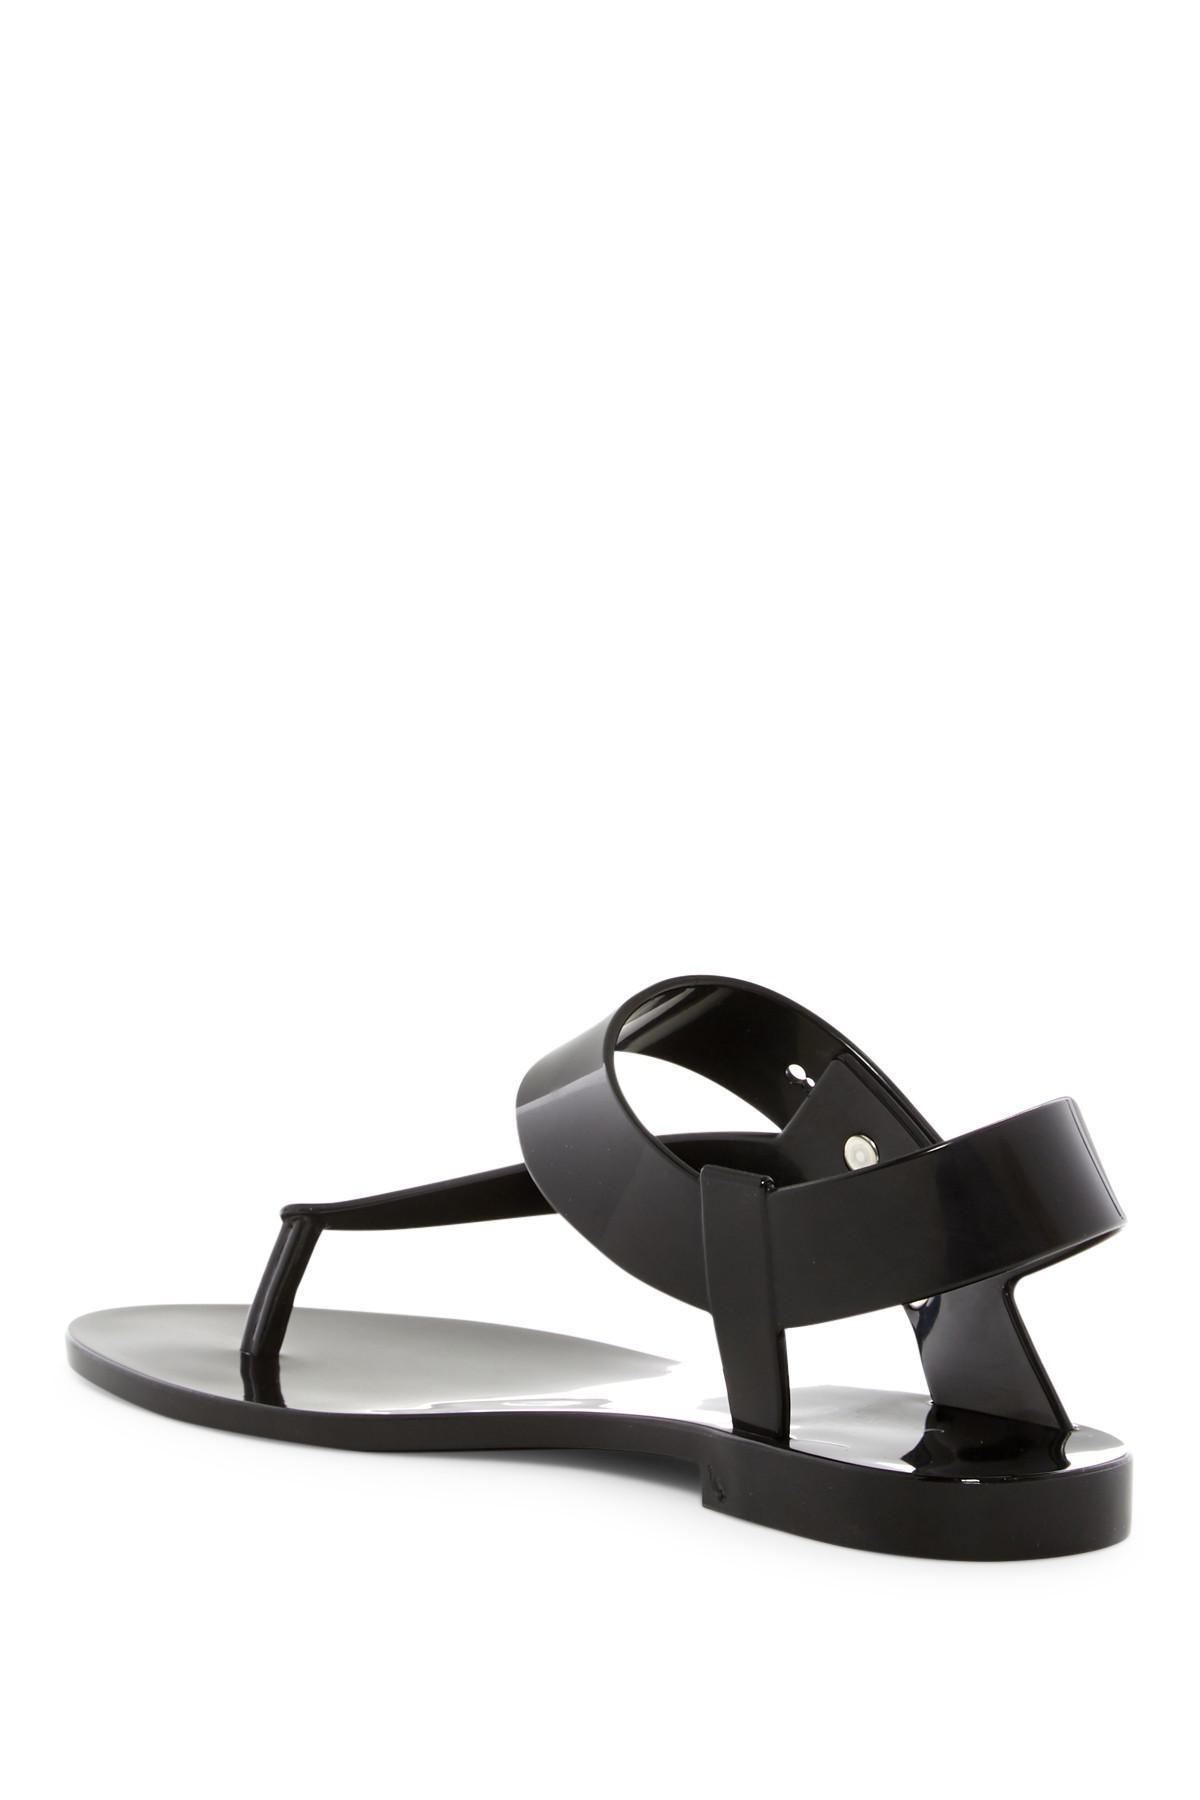 c97cdac45ddc Lyst - Melissa X Jason Wu Asymmetrical Jelly Sandal in Black